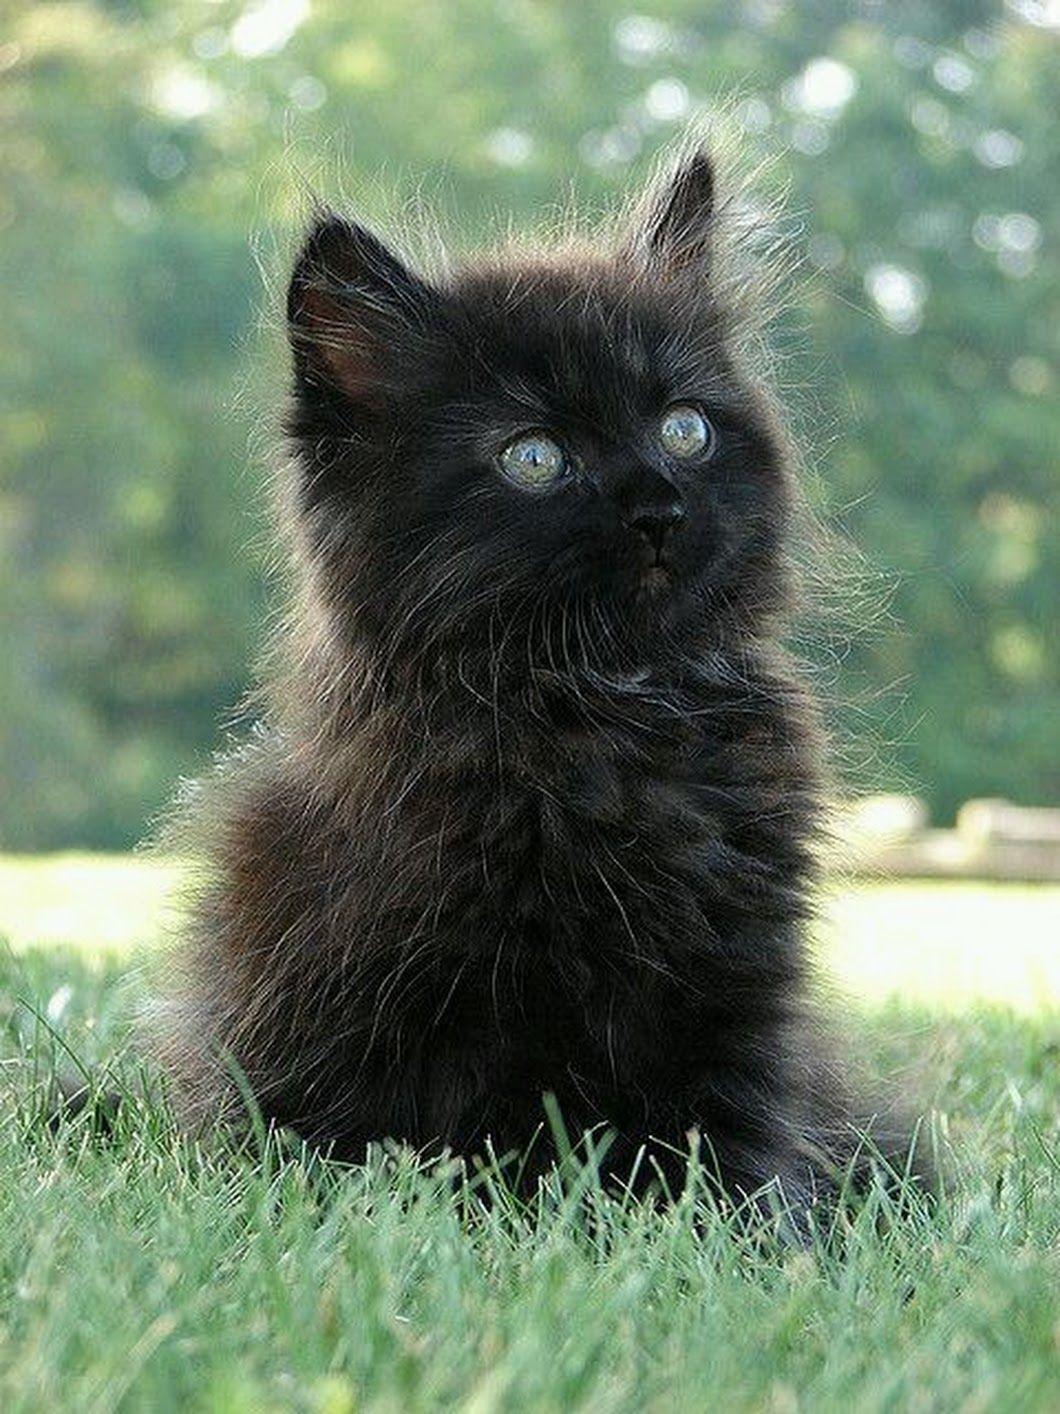 альметьевске каскаде фото черного пушистого котенка мной справишься